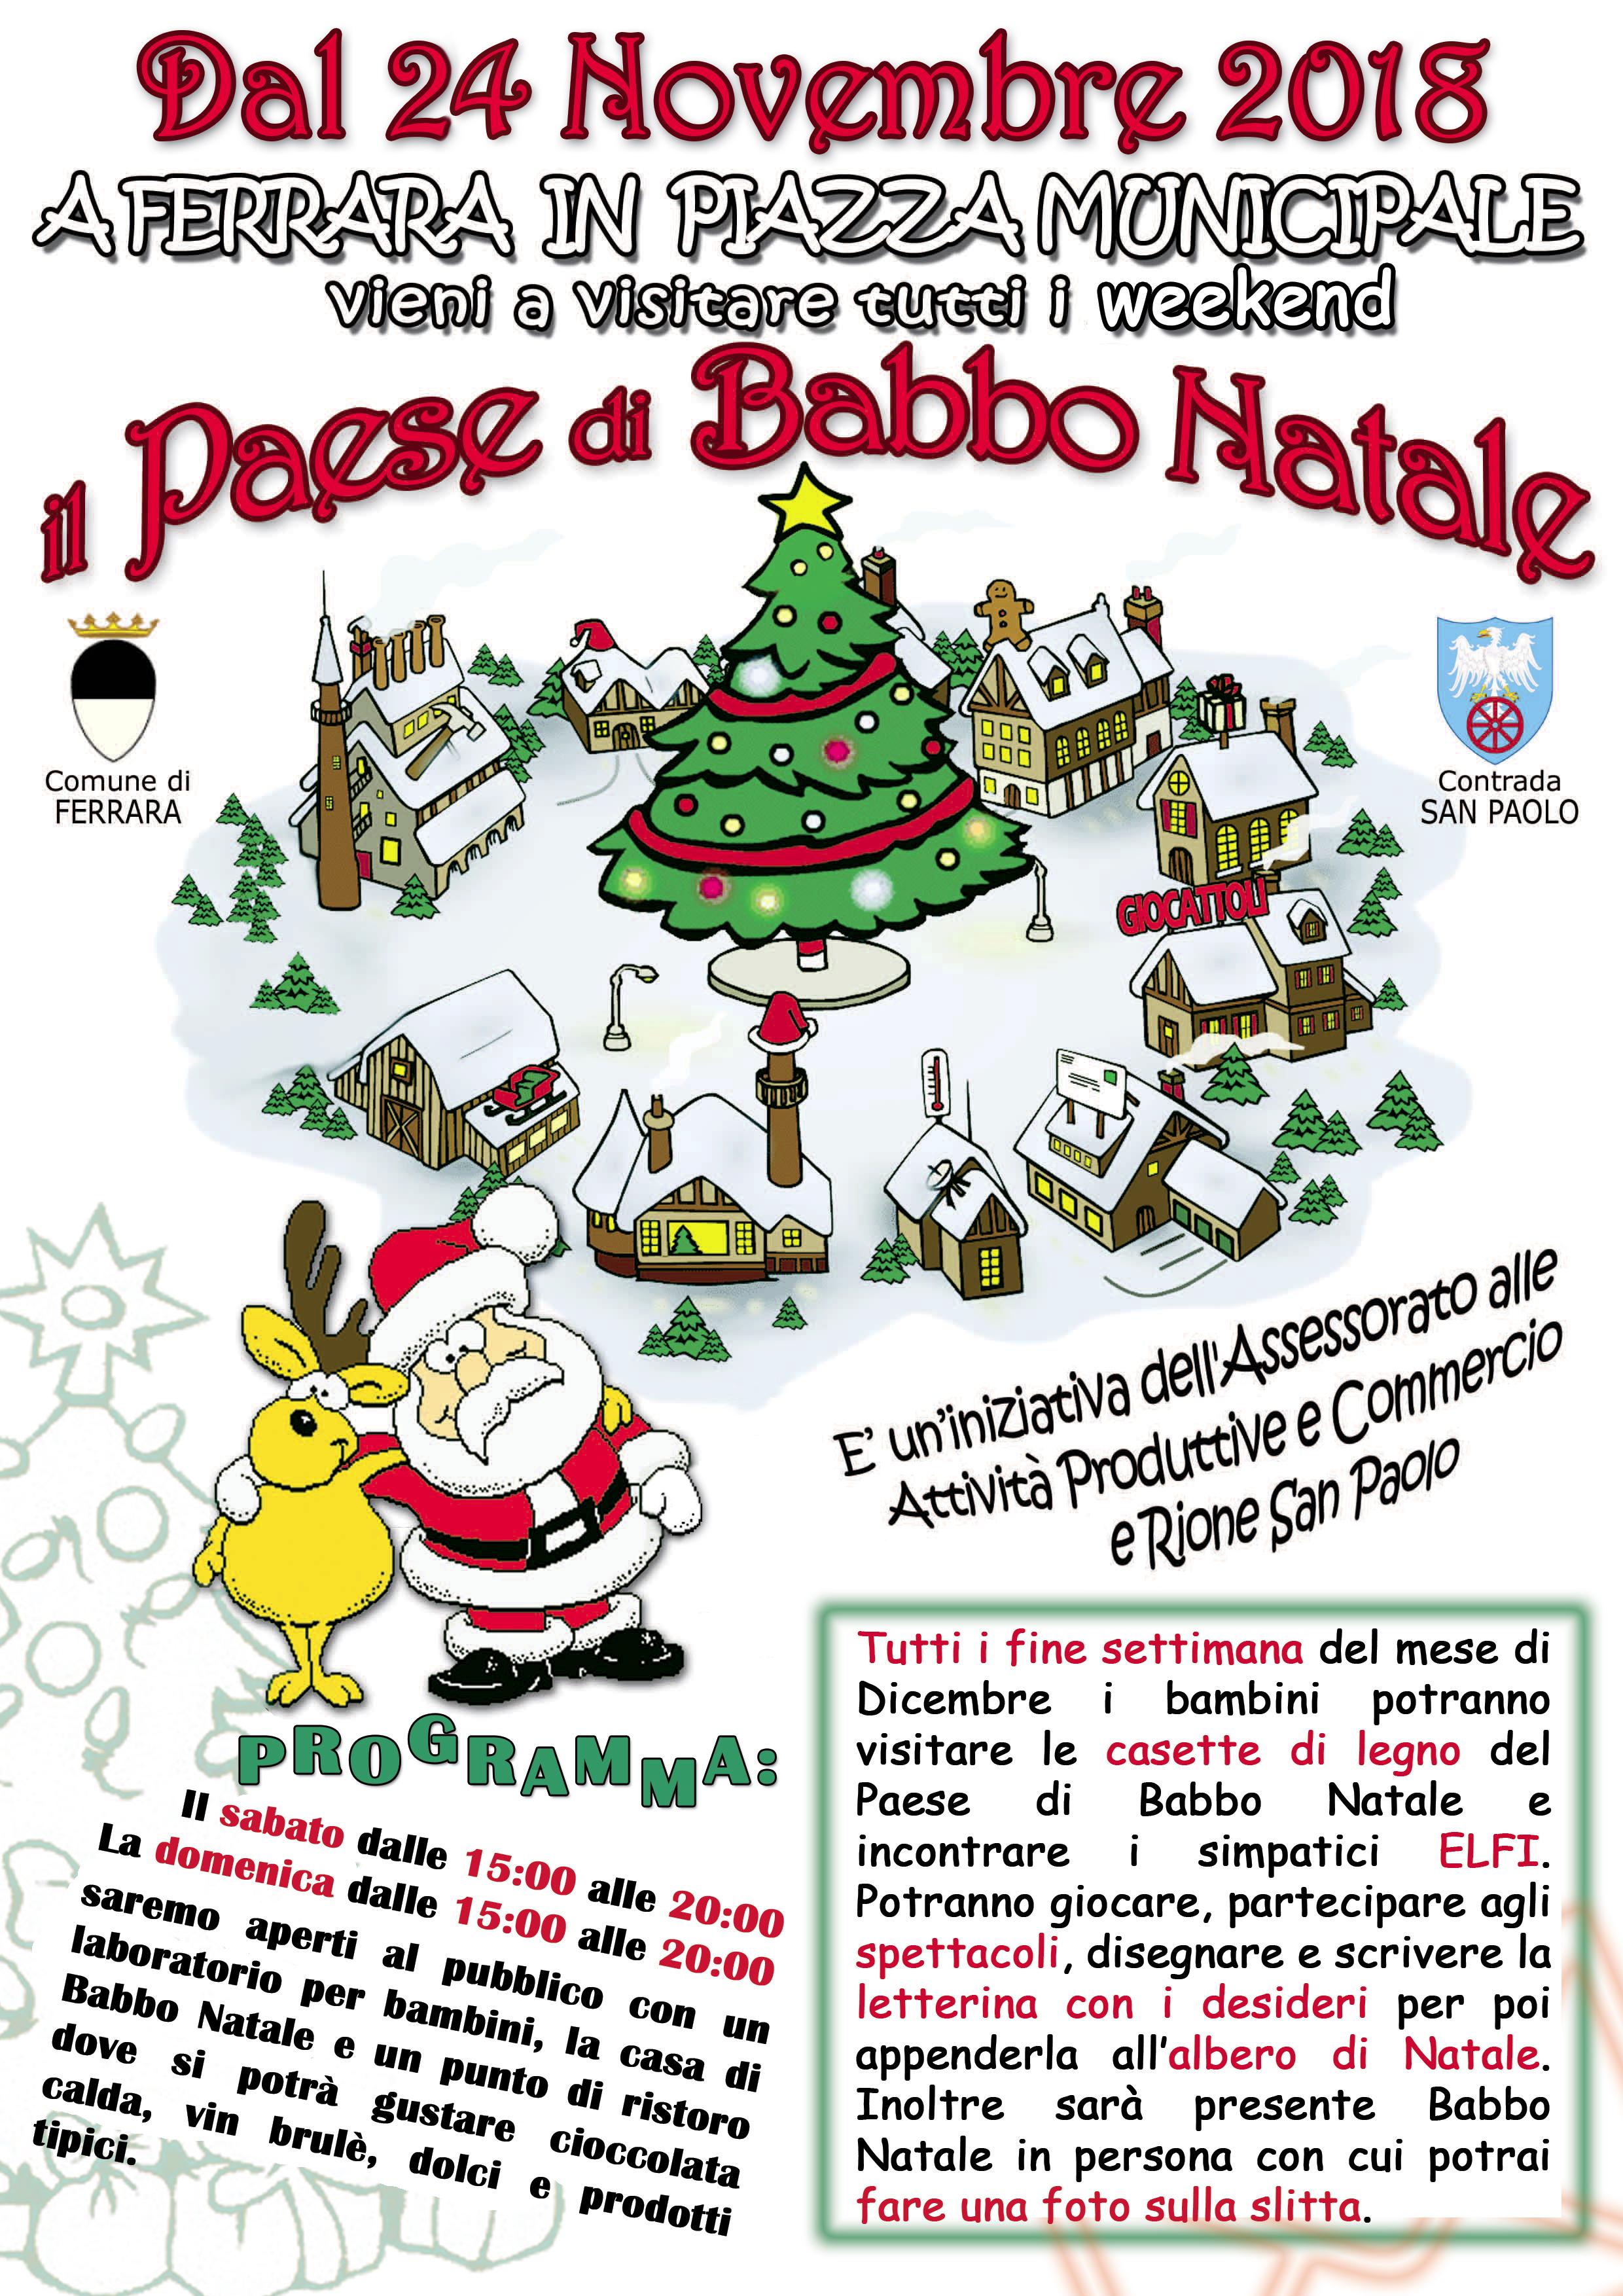 Babbo Natale 8 Gallery.Il Paese Di Babbo Natale Contrada Rione San Paolo